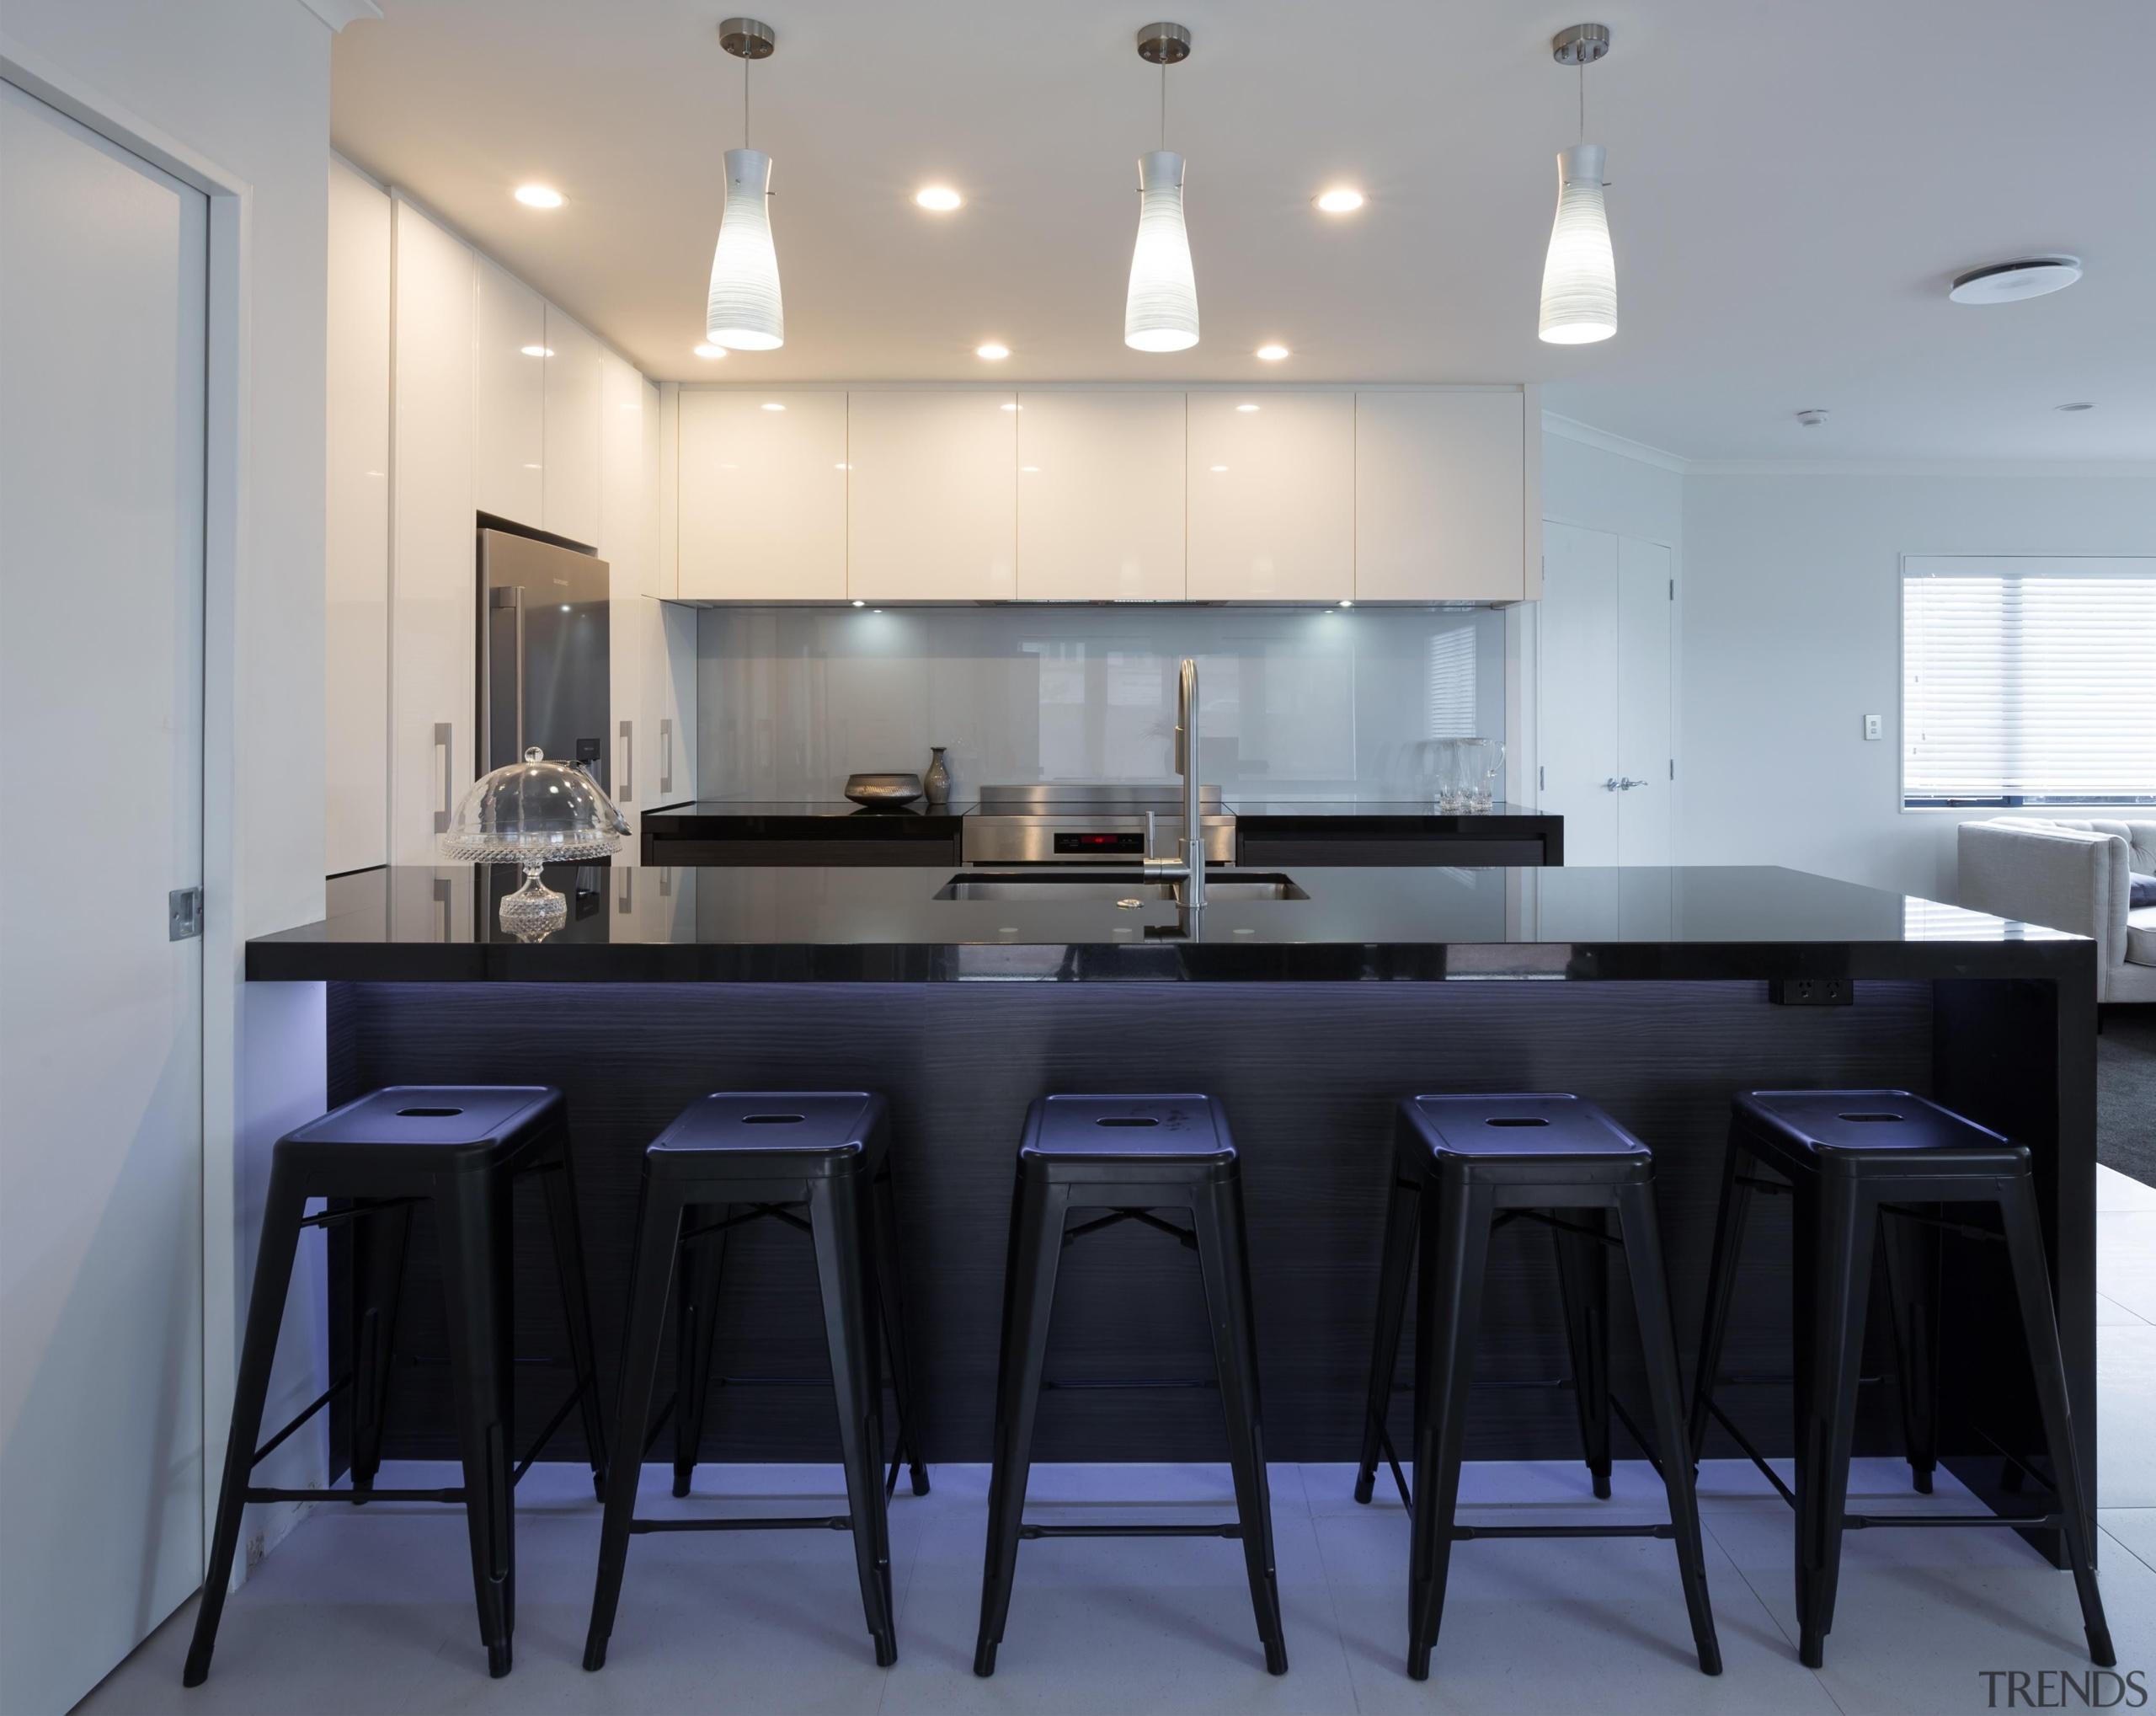 black granite, gloss designatek, textured designatek, profile handle, countertop, cuisine classique, interior design, kitchen, real estate, room, table, gray, black